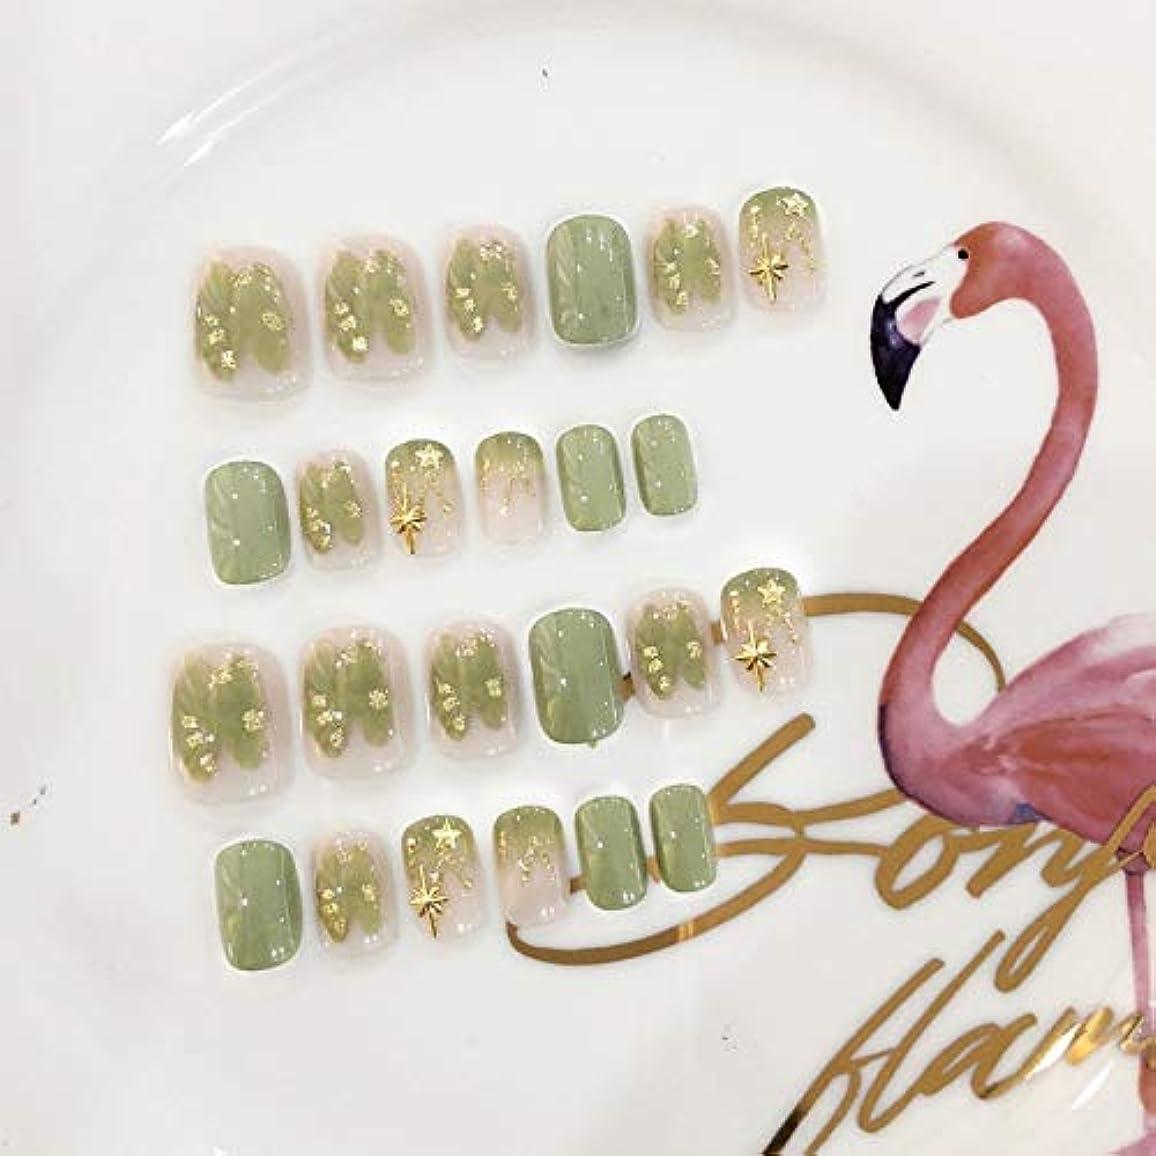 お肉評価する五Jonathan ハンドケア 偽爪キット24ピース豆砂緑タッチ偽爪プレミアムパックフルカバーフレンチマニキュア短い長さの接着剤偽爪アート